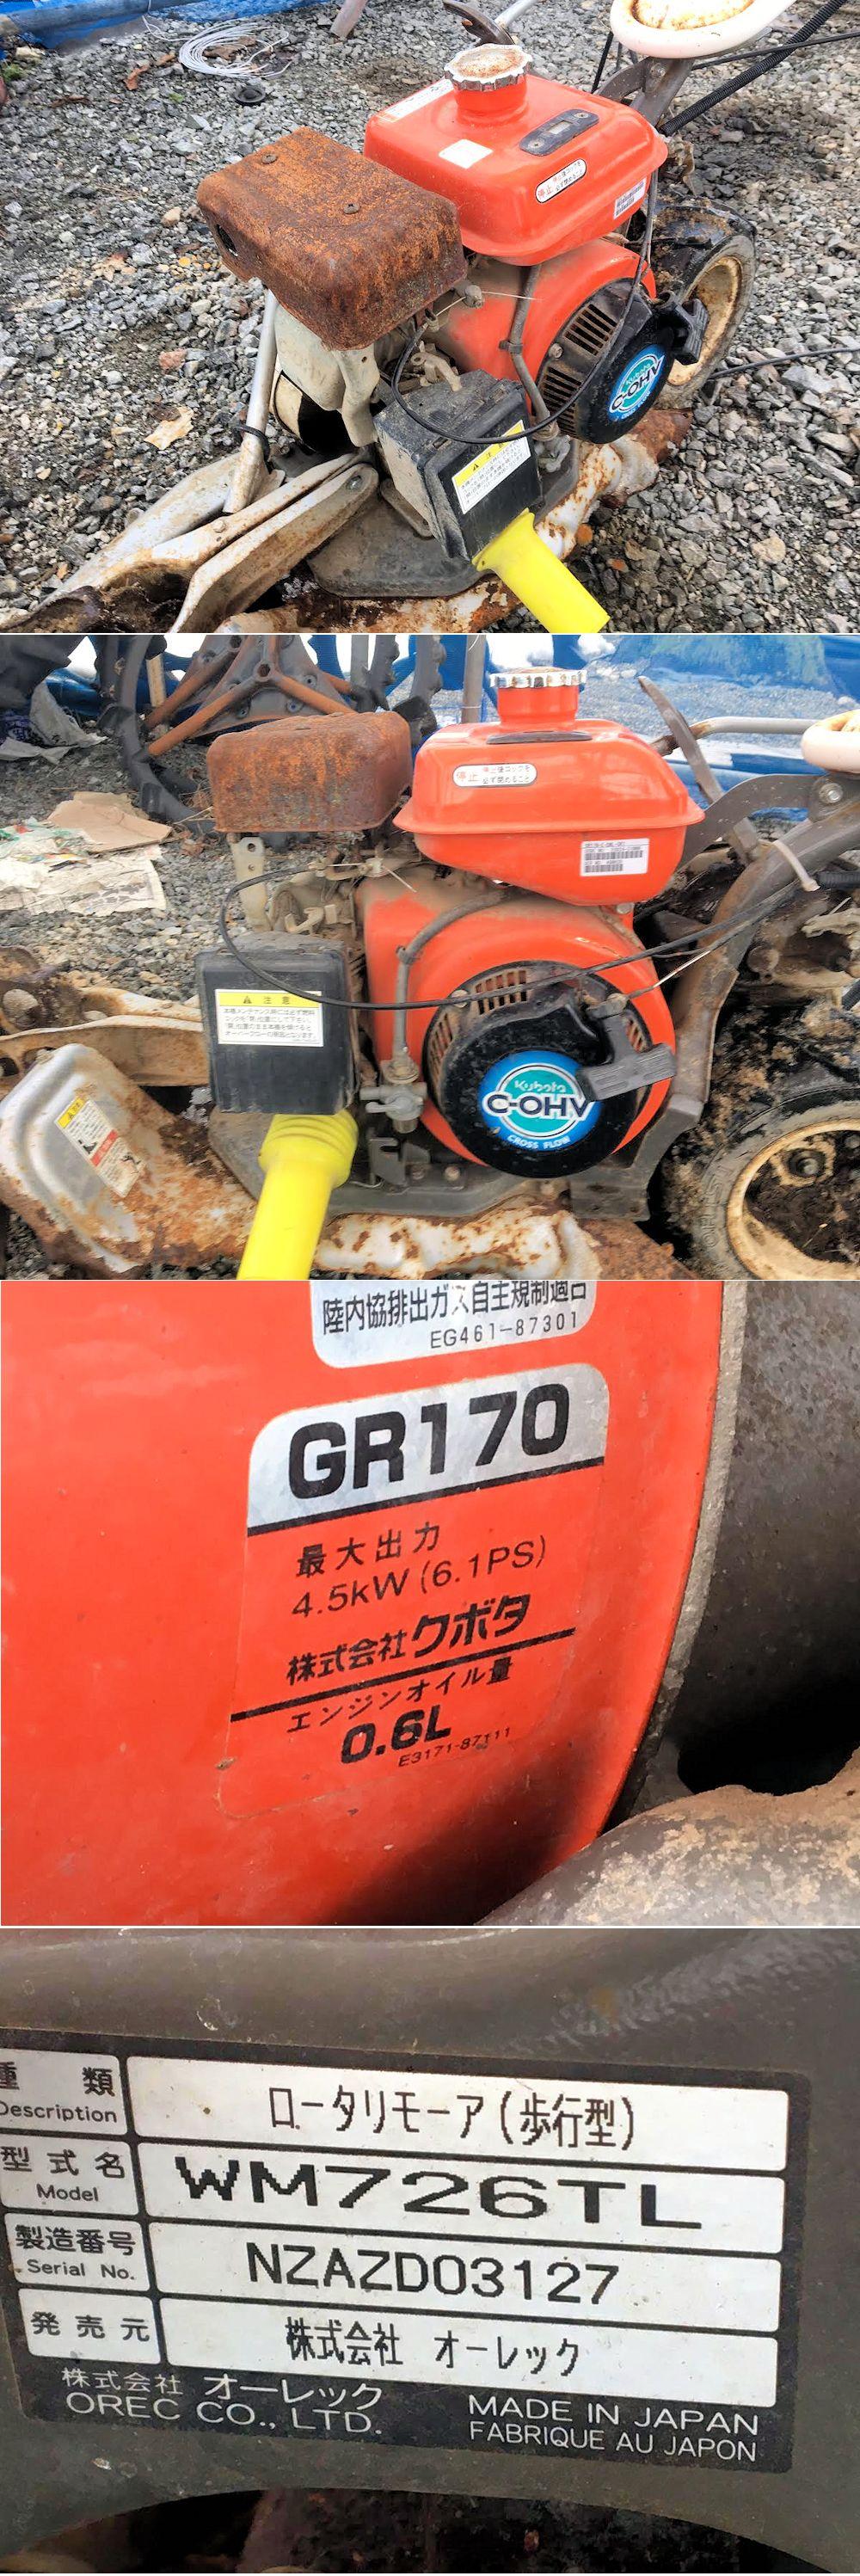 ウィングモア用エンジン GR170 6.1馬力 オーレック 共立 齋藤農機 WM GC AZ 716 726 702用 実働品 中古